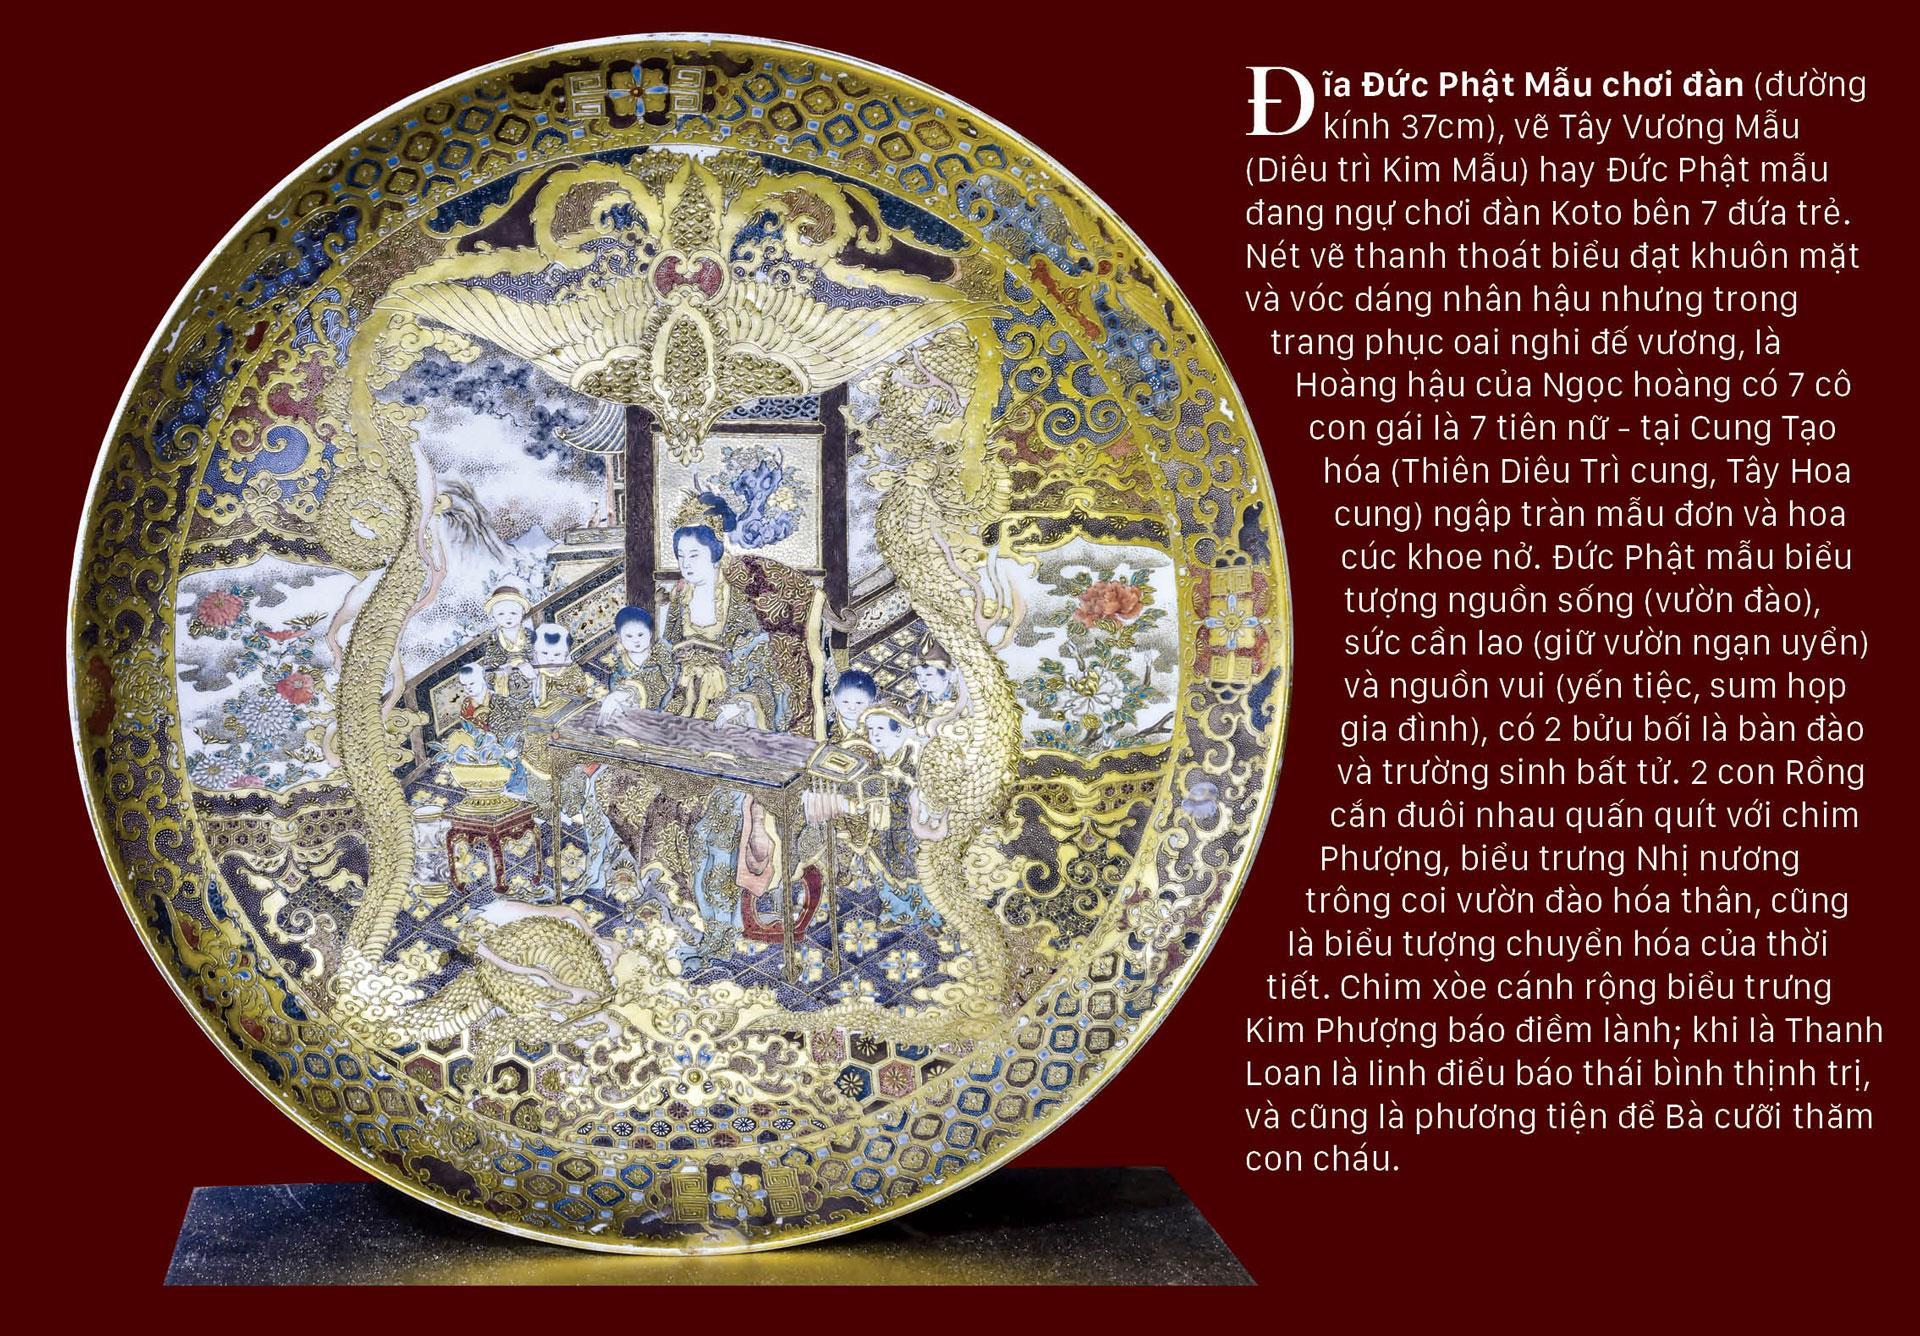 Rồng - Phượng trên bảo vật gốm cổ ảnh 2